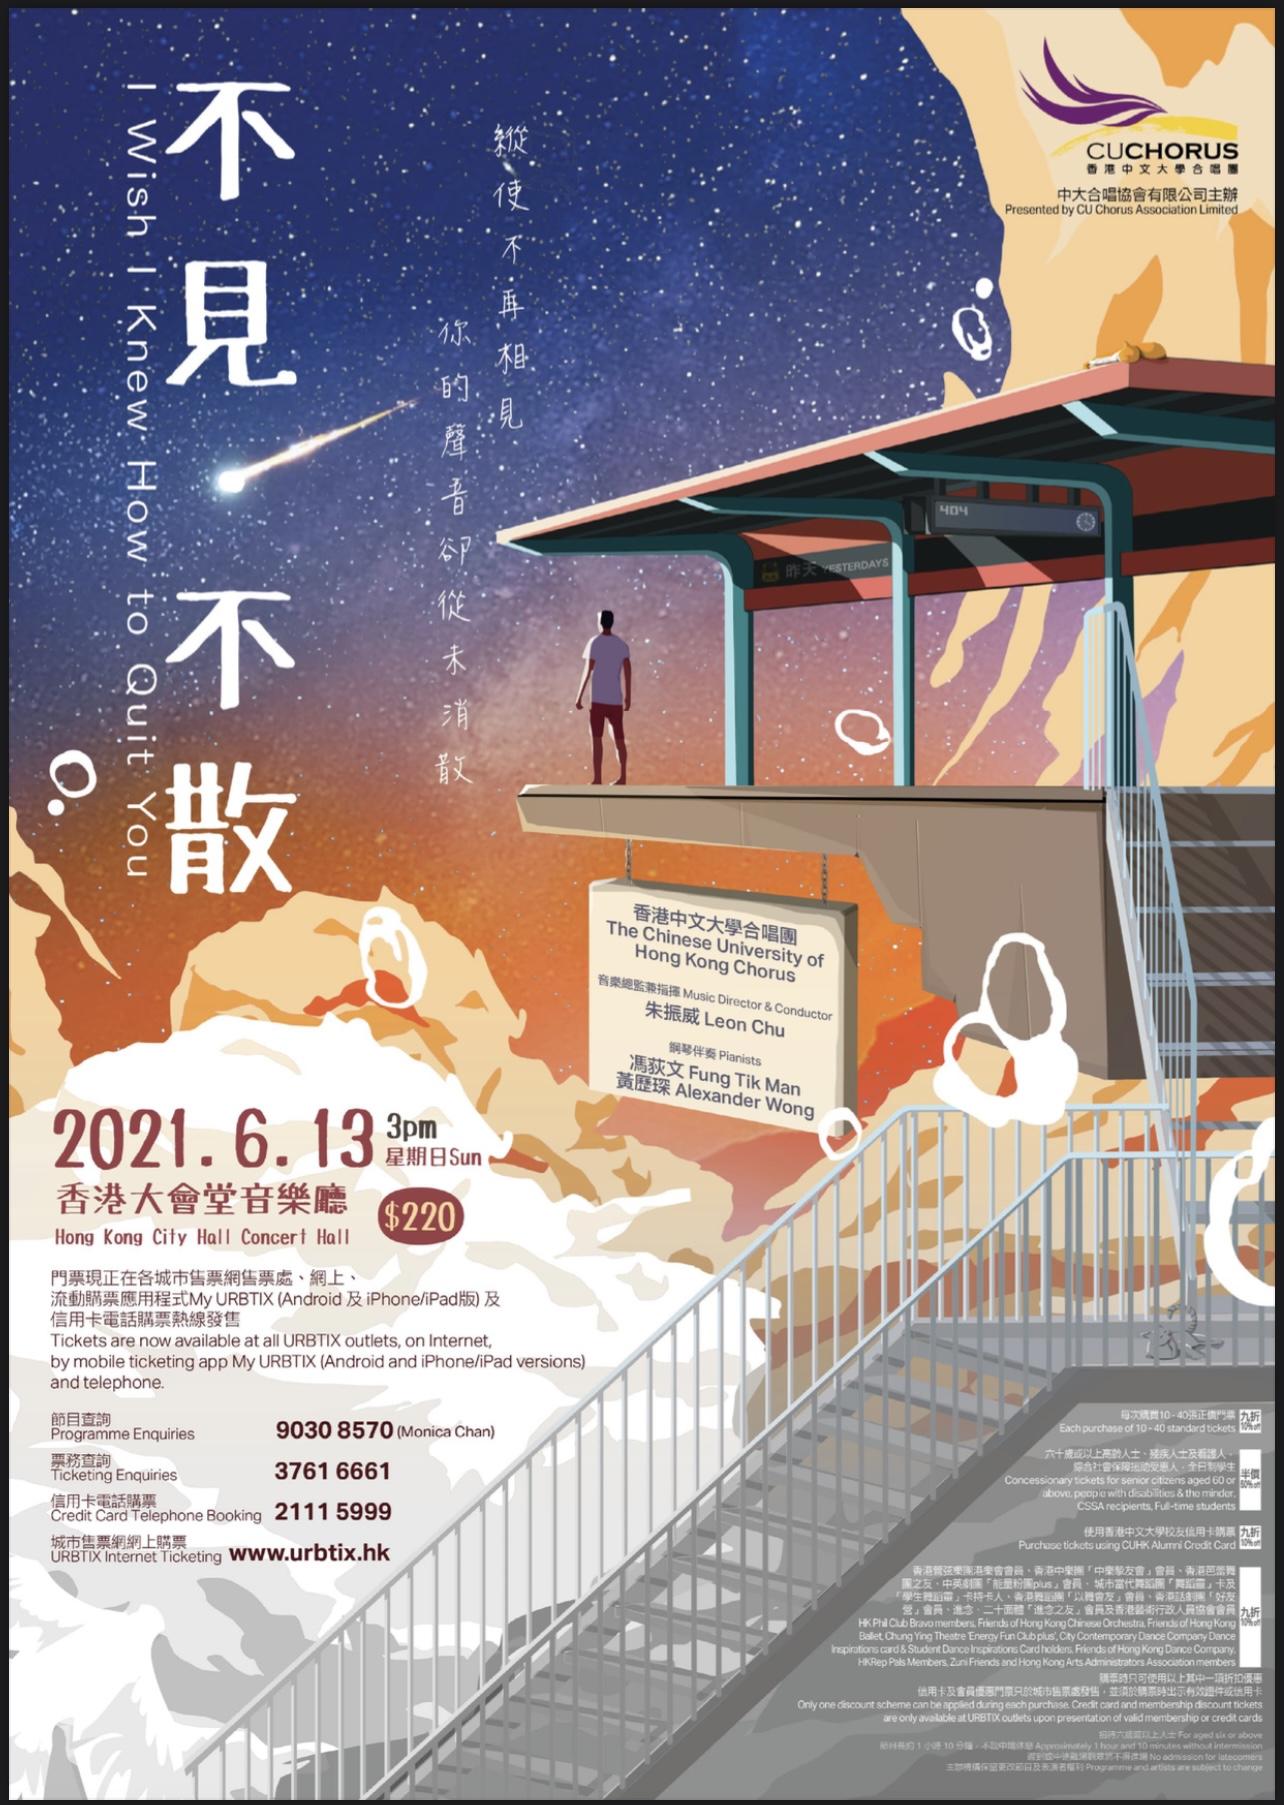 中大合唱團2021音樂會